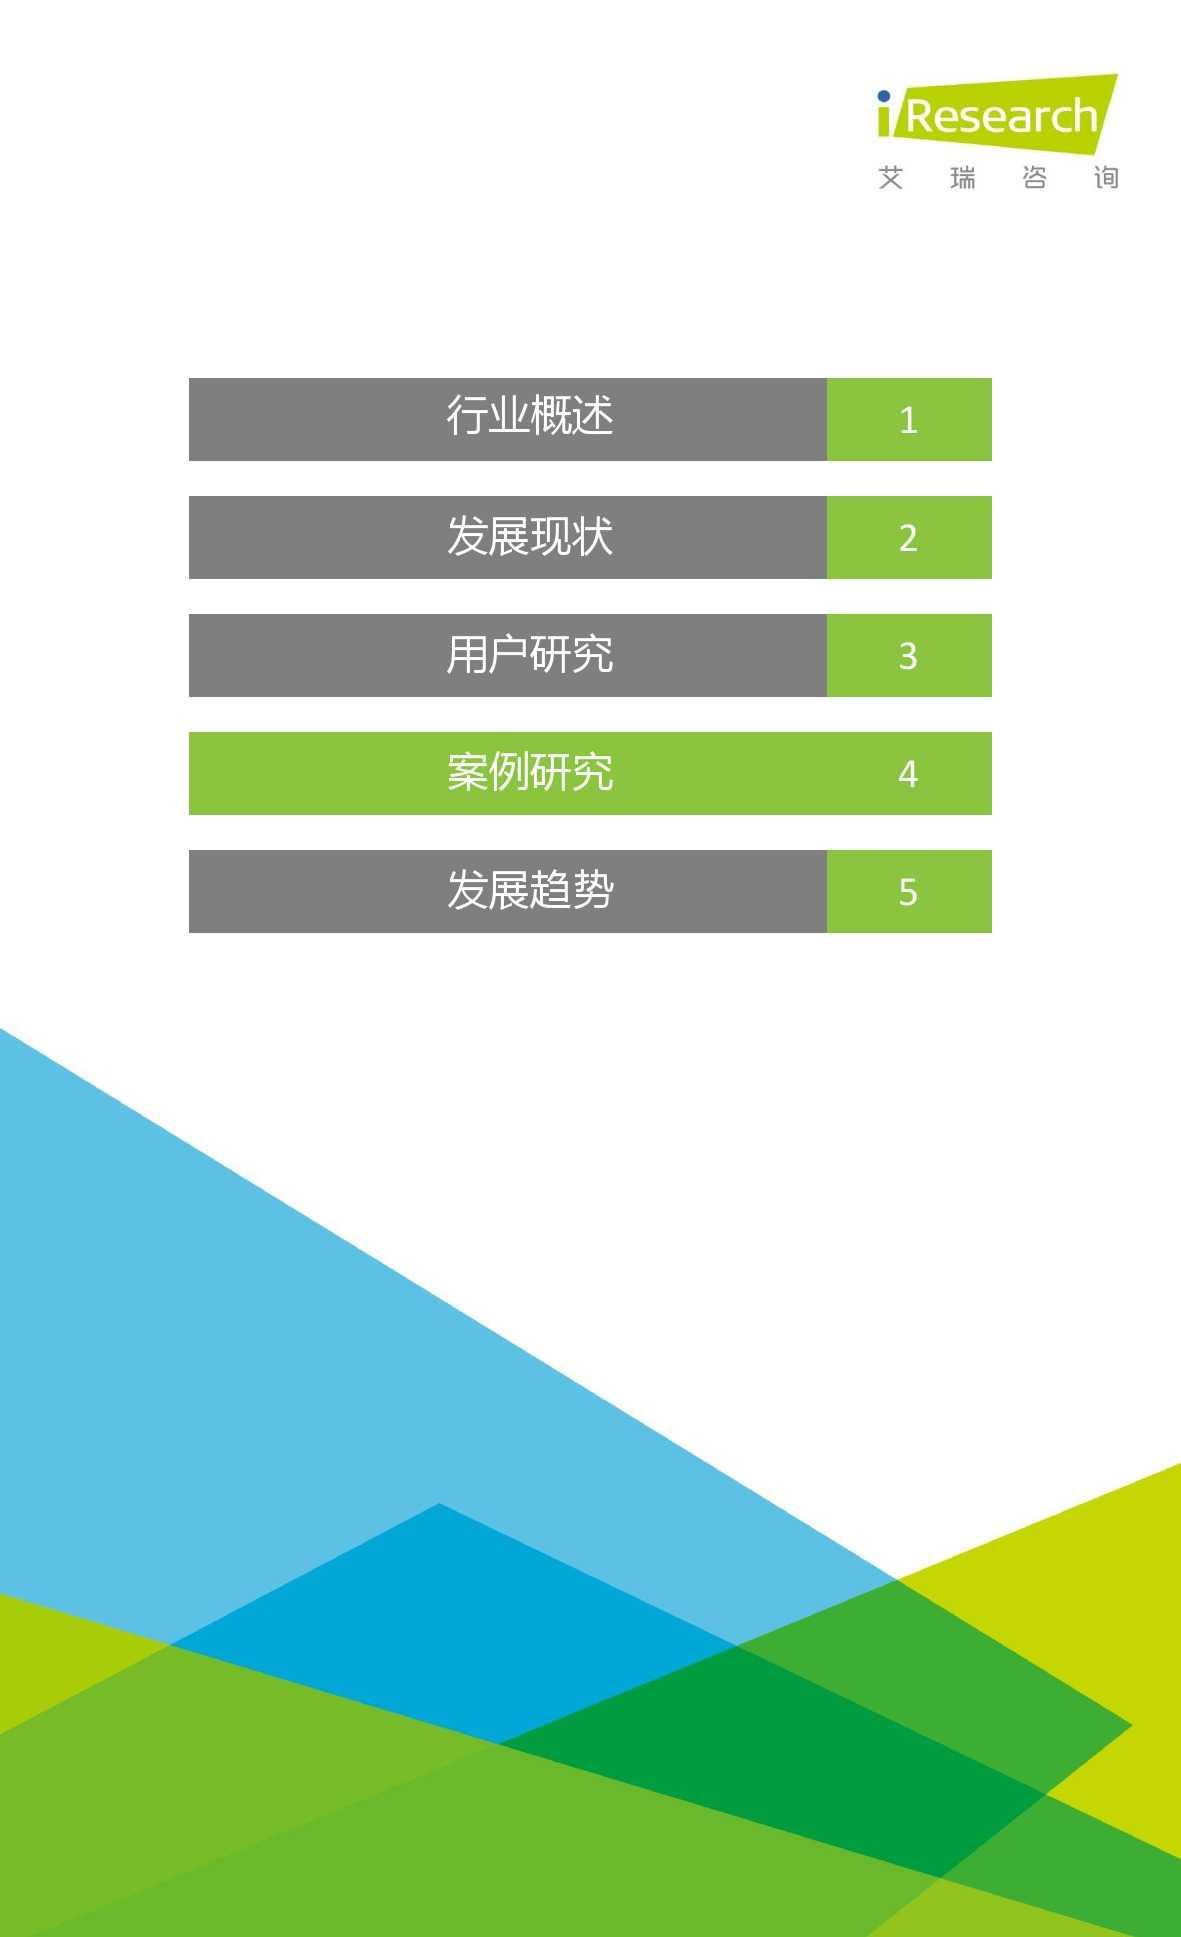 2015年中国生活理财移动App行业研究报告_000040